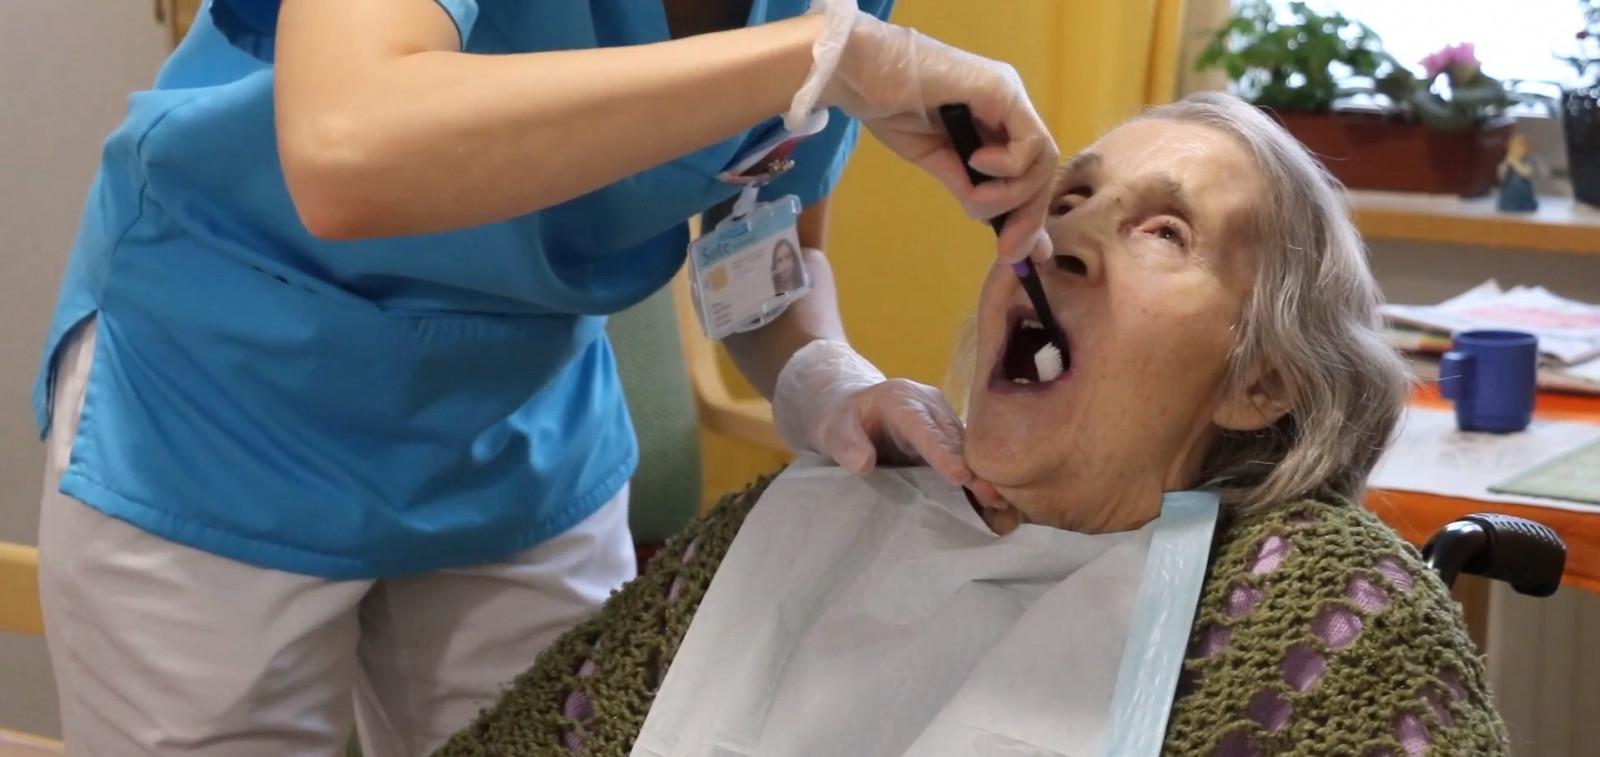 Autettavan vanhuksen suun hoito, hampaiden harjaus